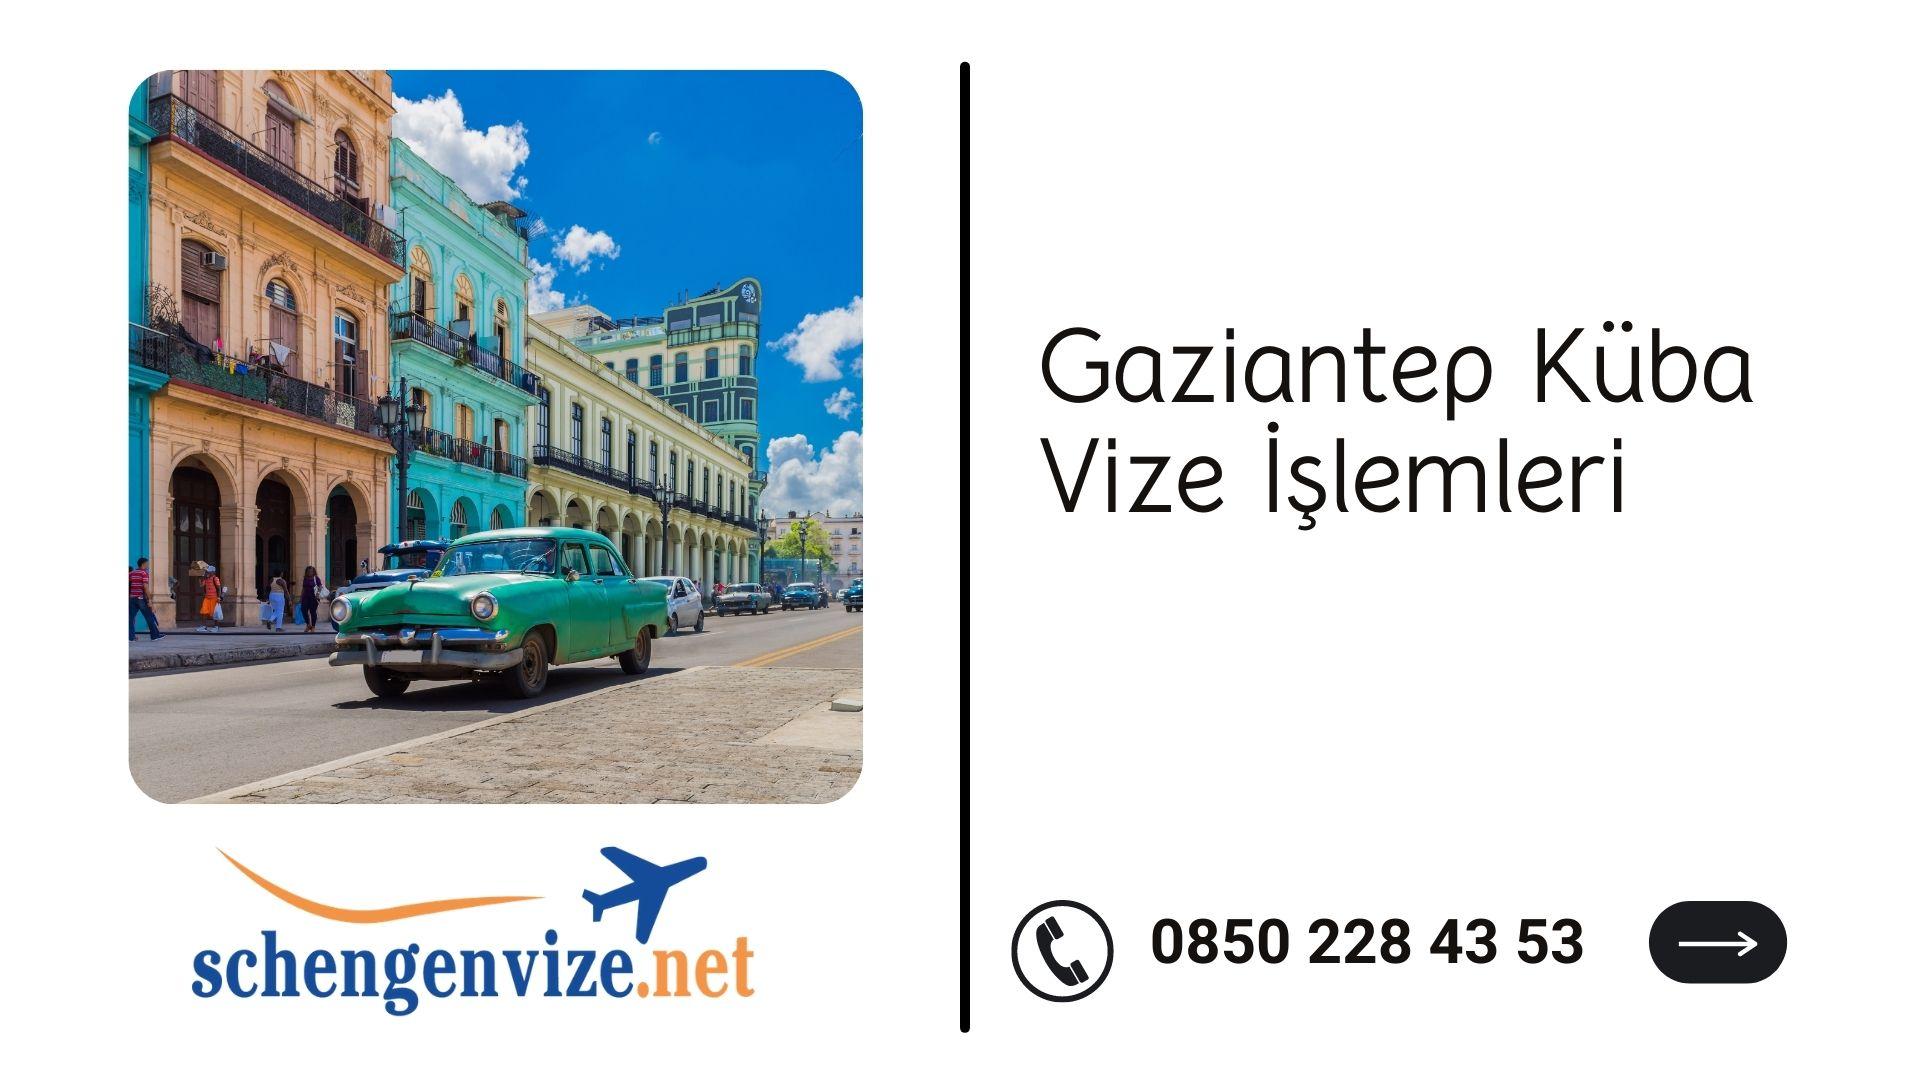 Gaziantep Küba Vize İşlemleri